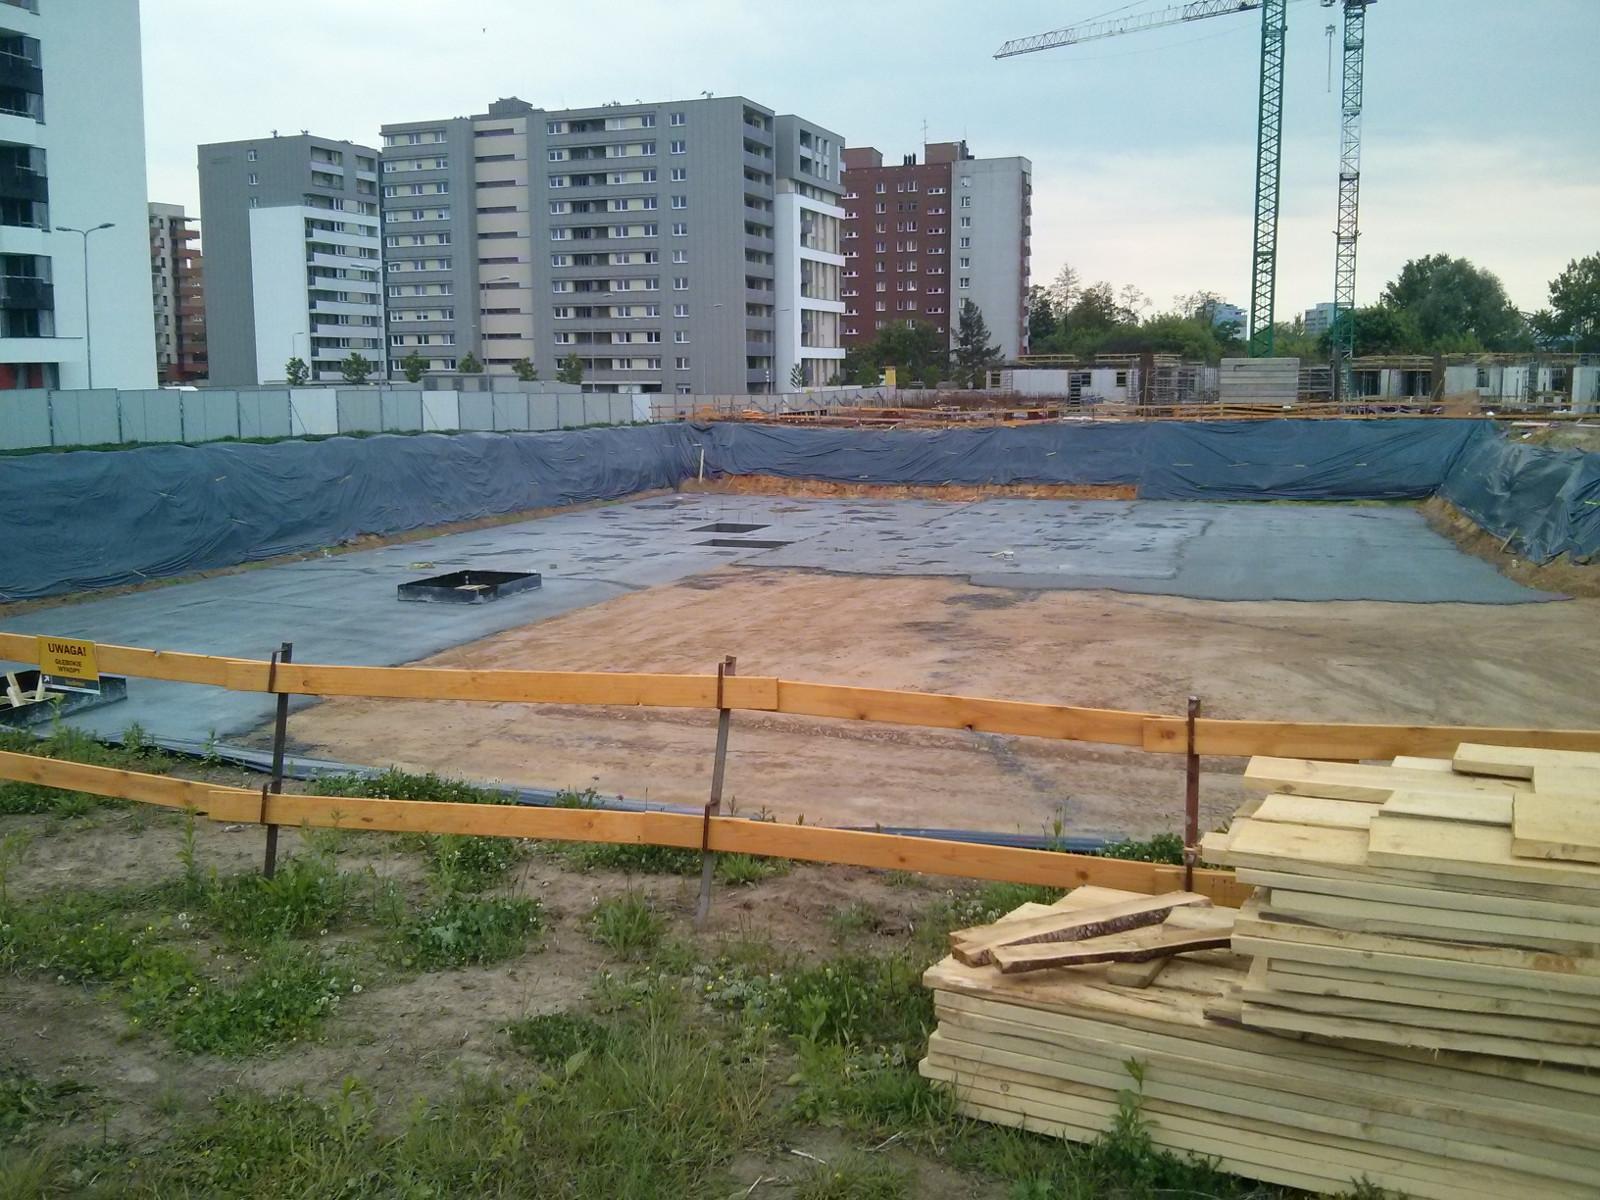 Tanie nowe mieszkania w Krakowie - budowa osiedla Avia 3 od Budimexu